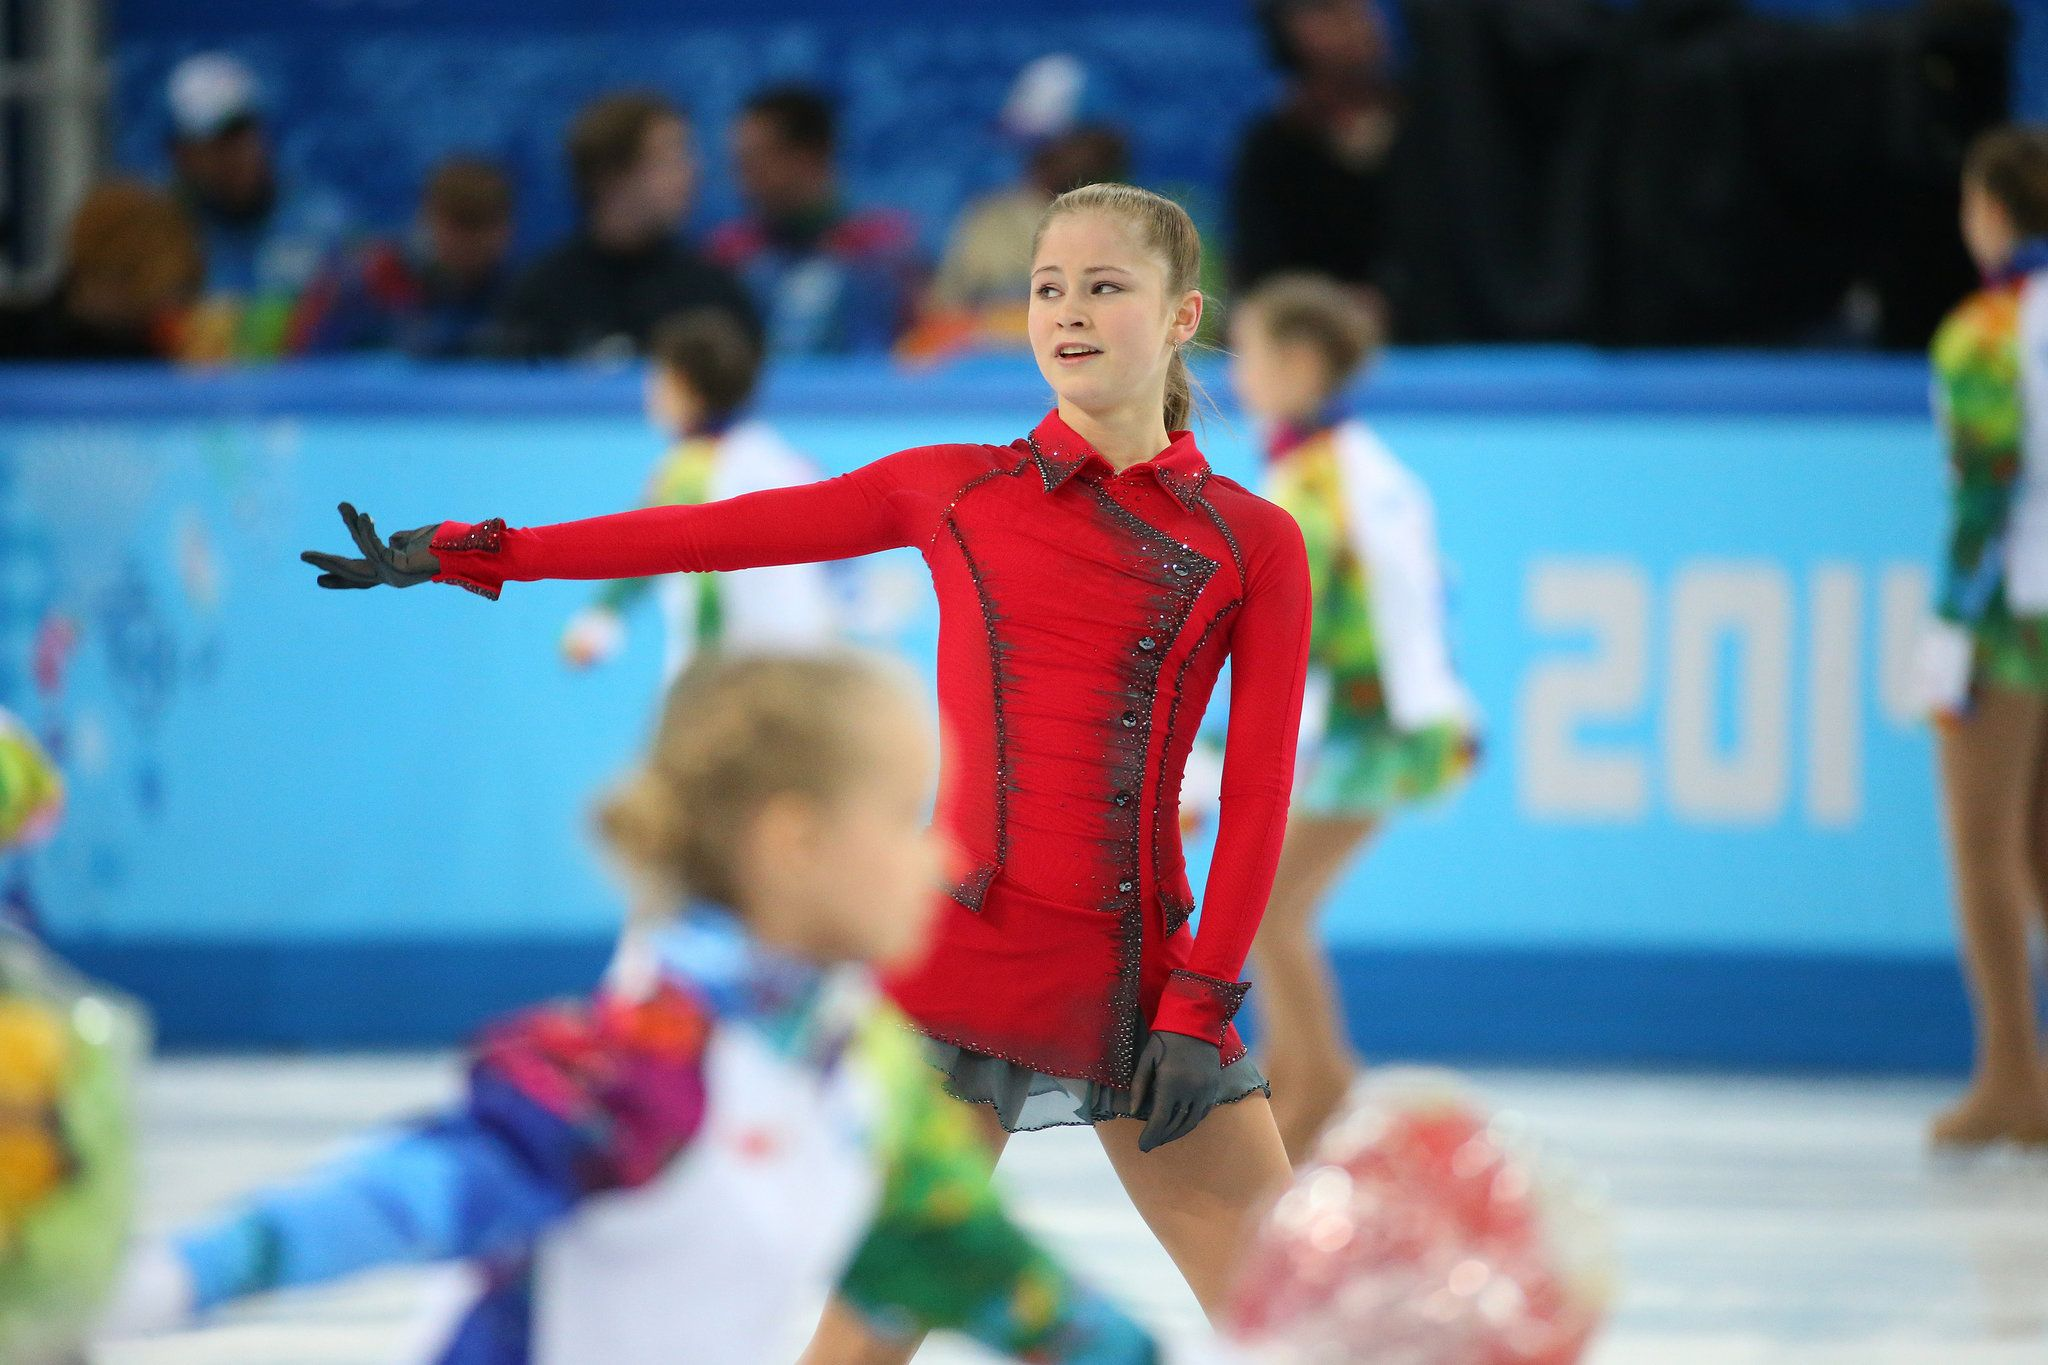 Sochi 2014 image by Bonnie Caldwell | Winter olympics 2014